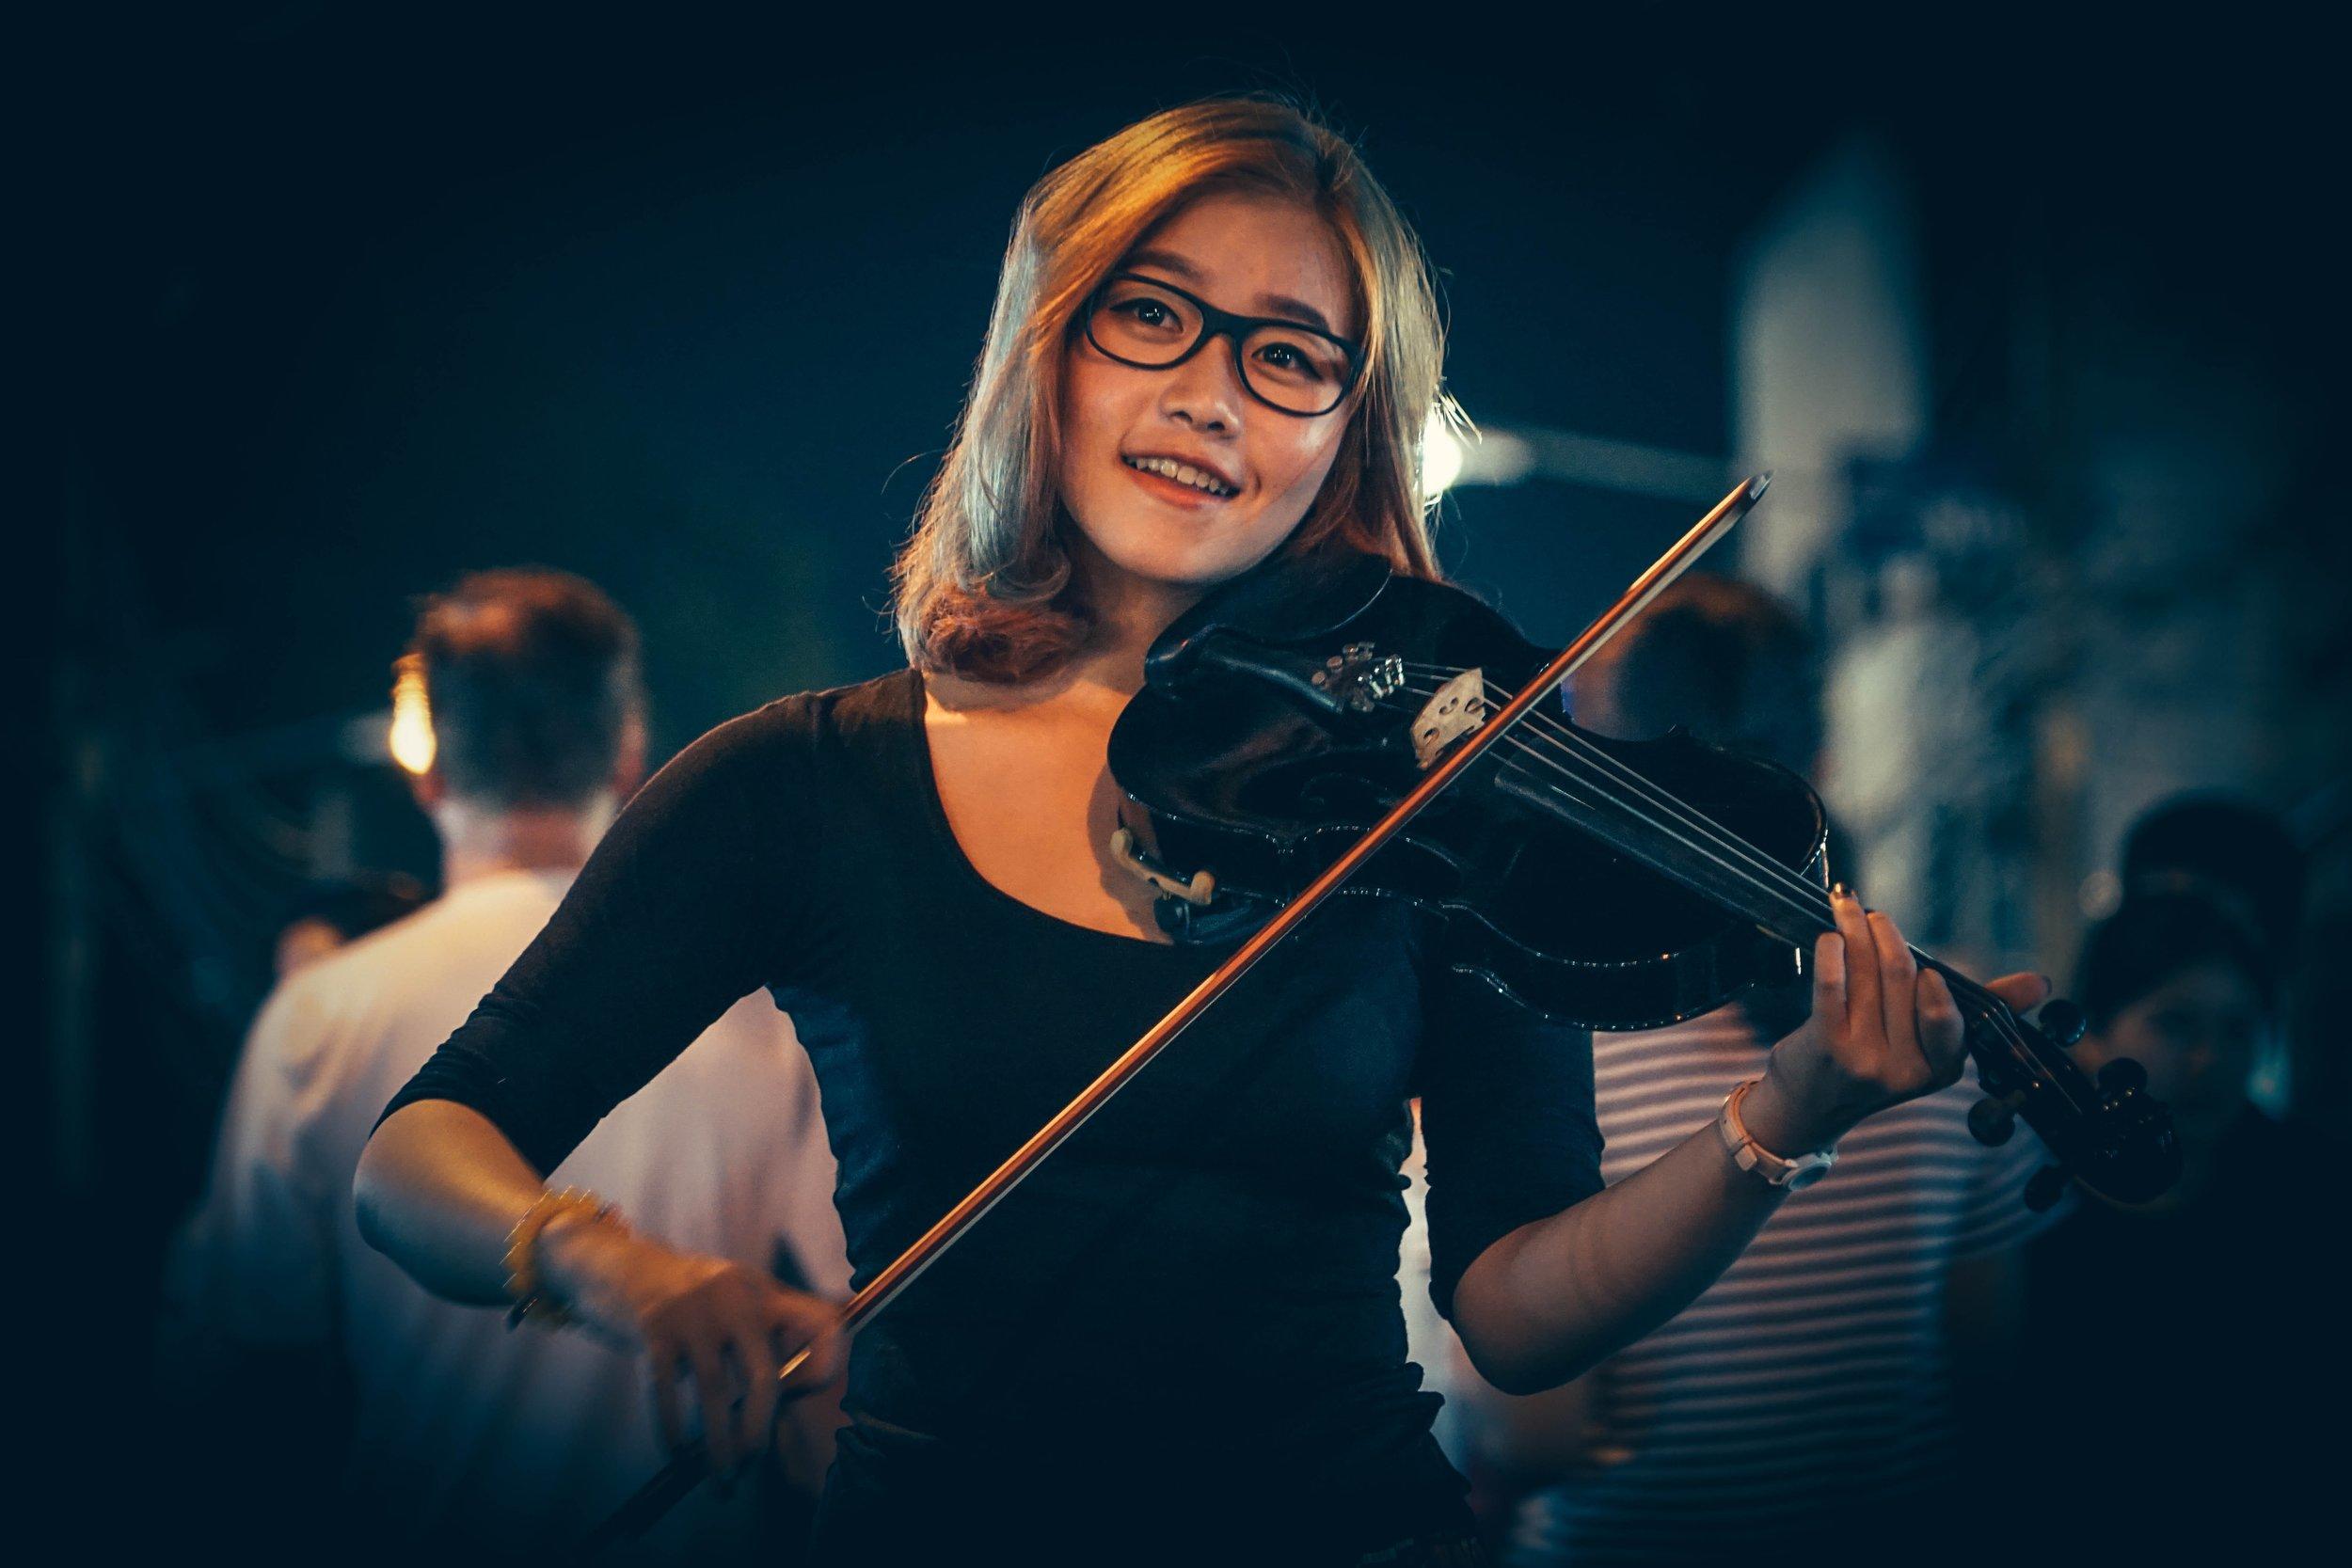 beautiful-blur-bowed-instrument-71436.jpg